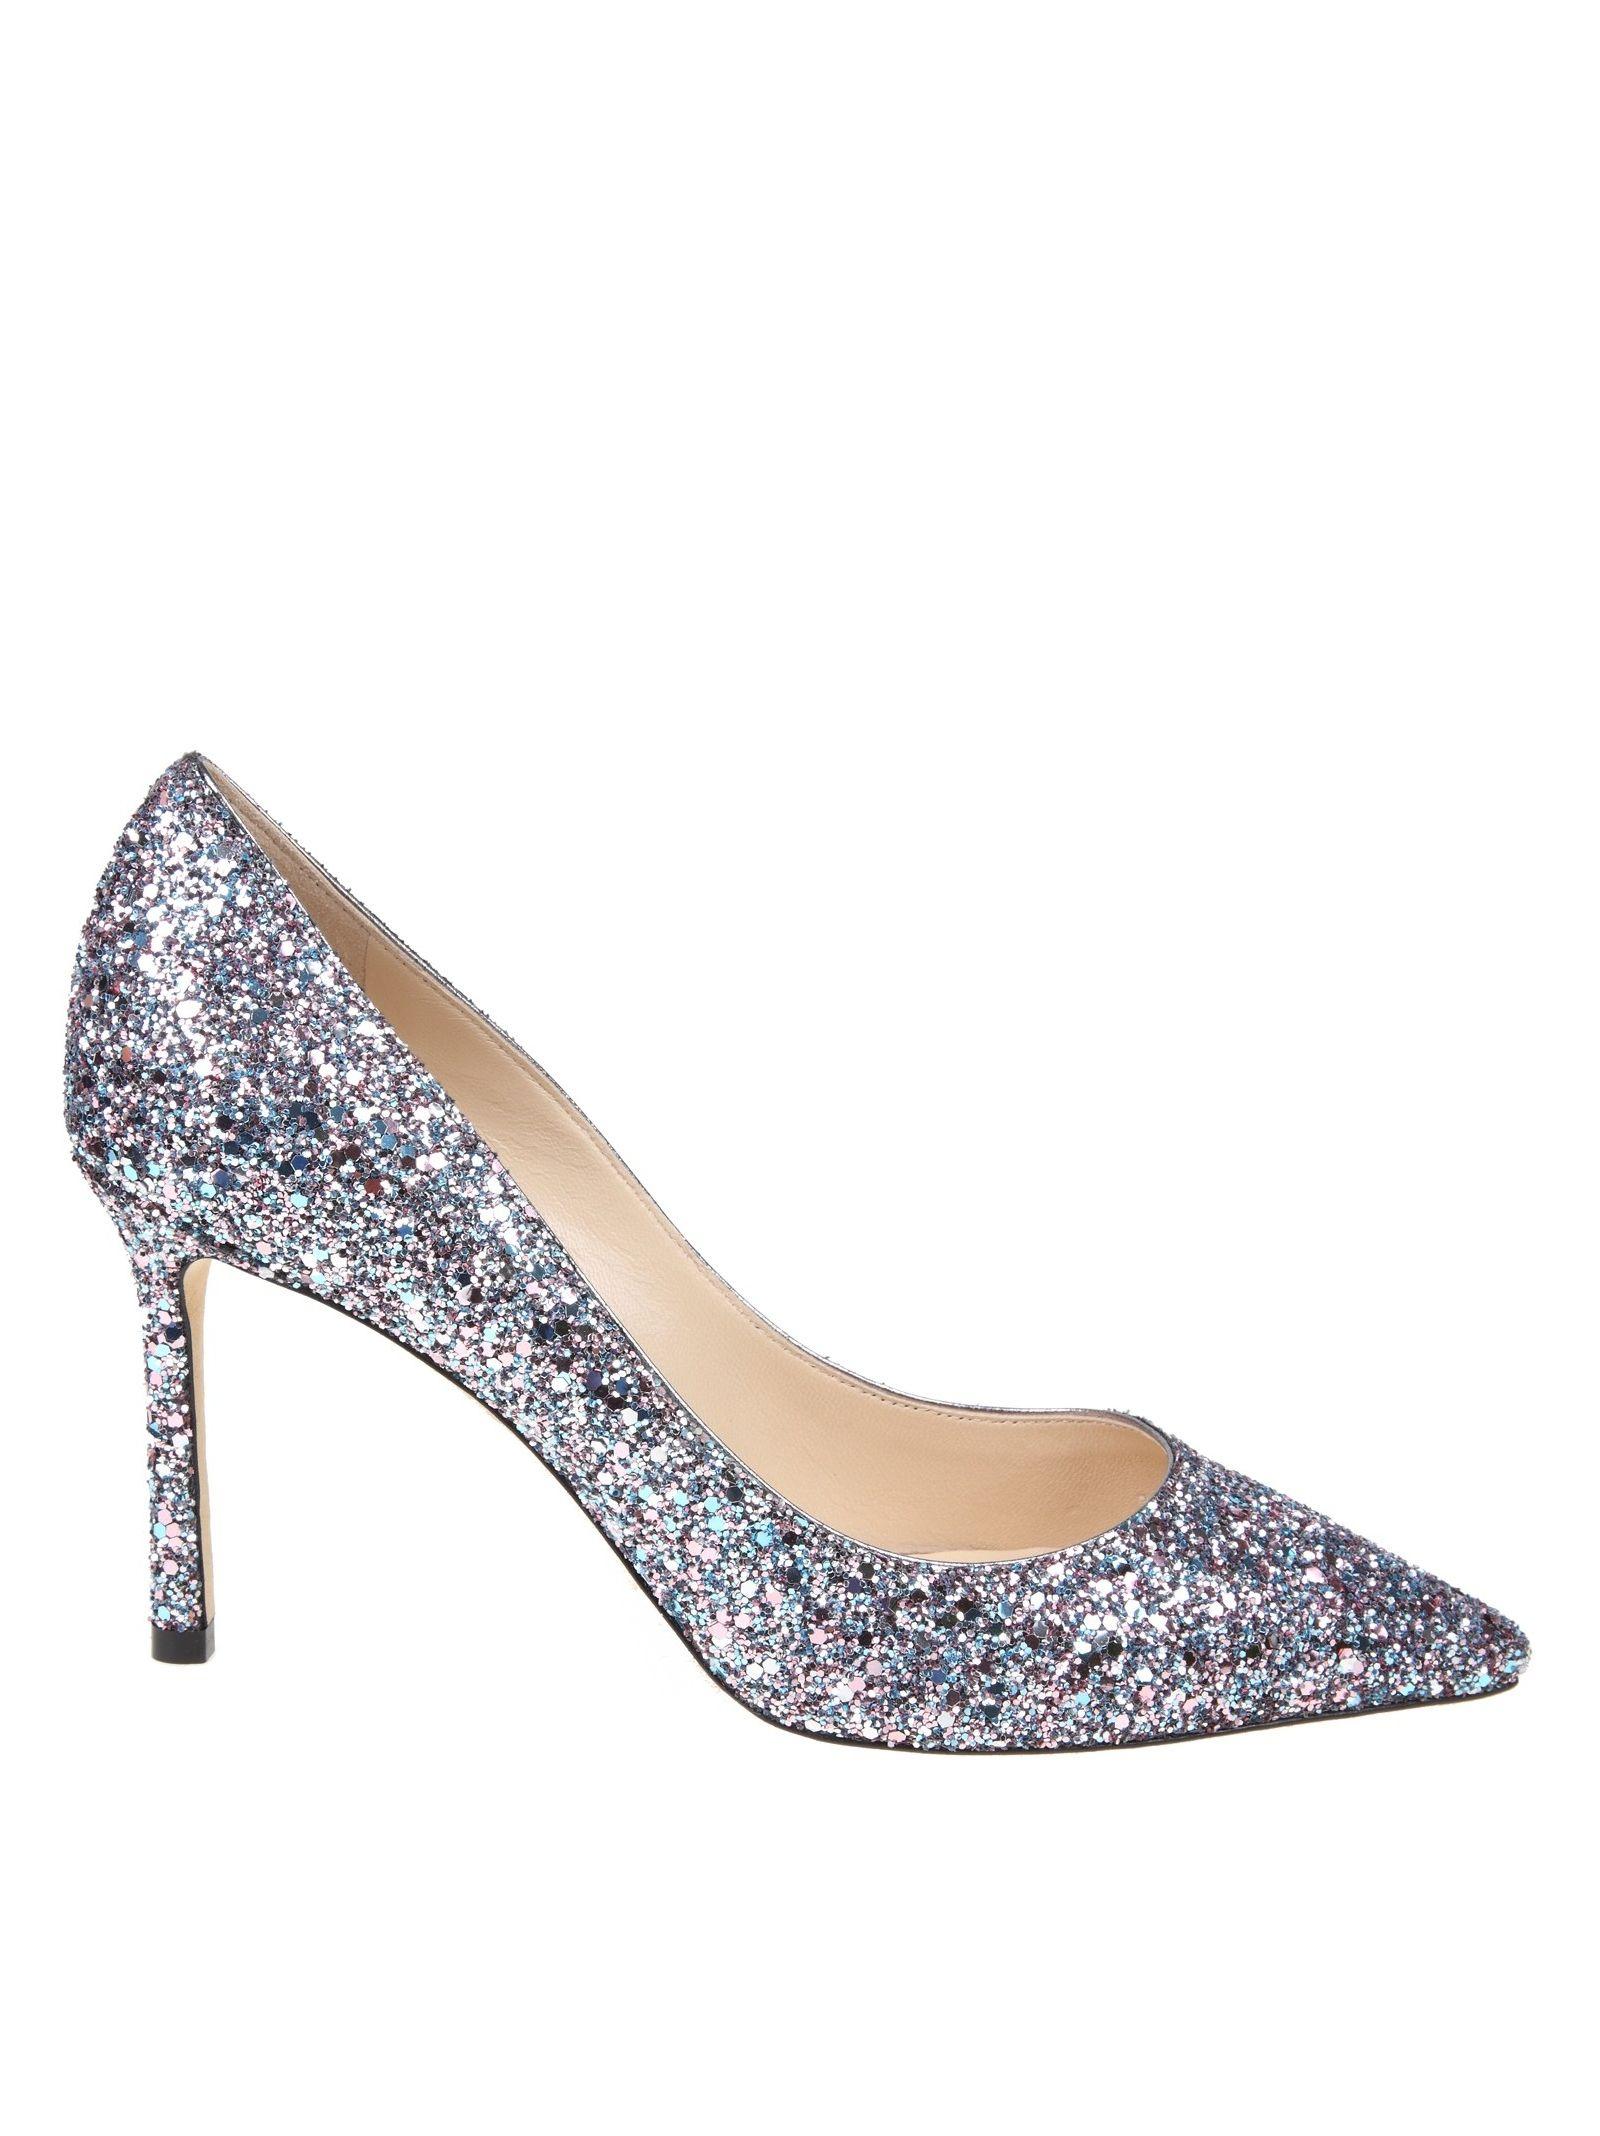 5530dbde9 Jimmy Choo Women S Romy 100 Glitter Leather High-Heel Pumps In Bubblegum